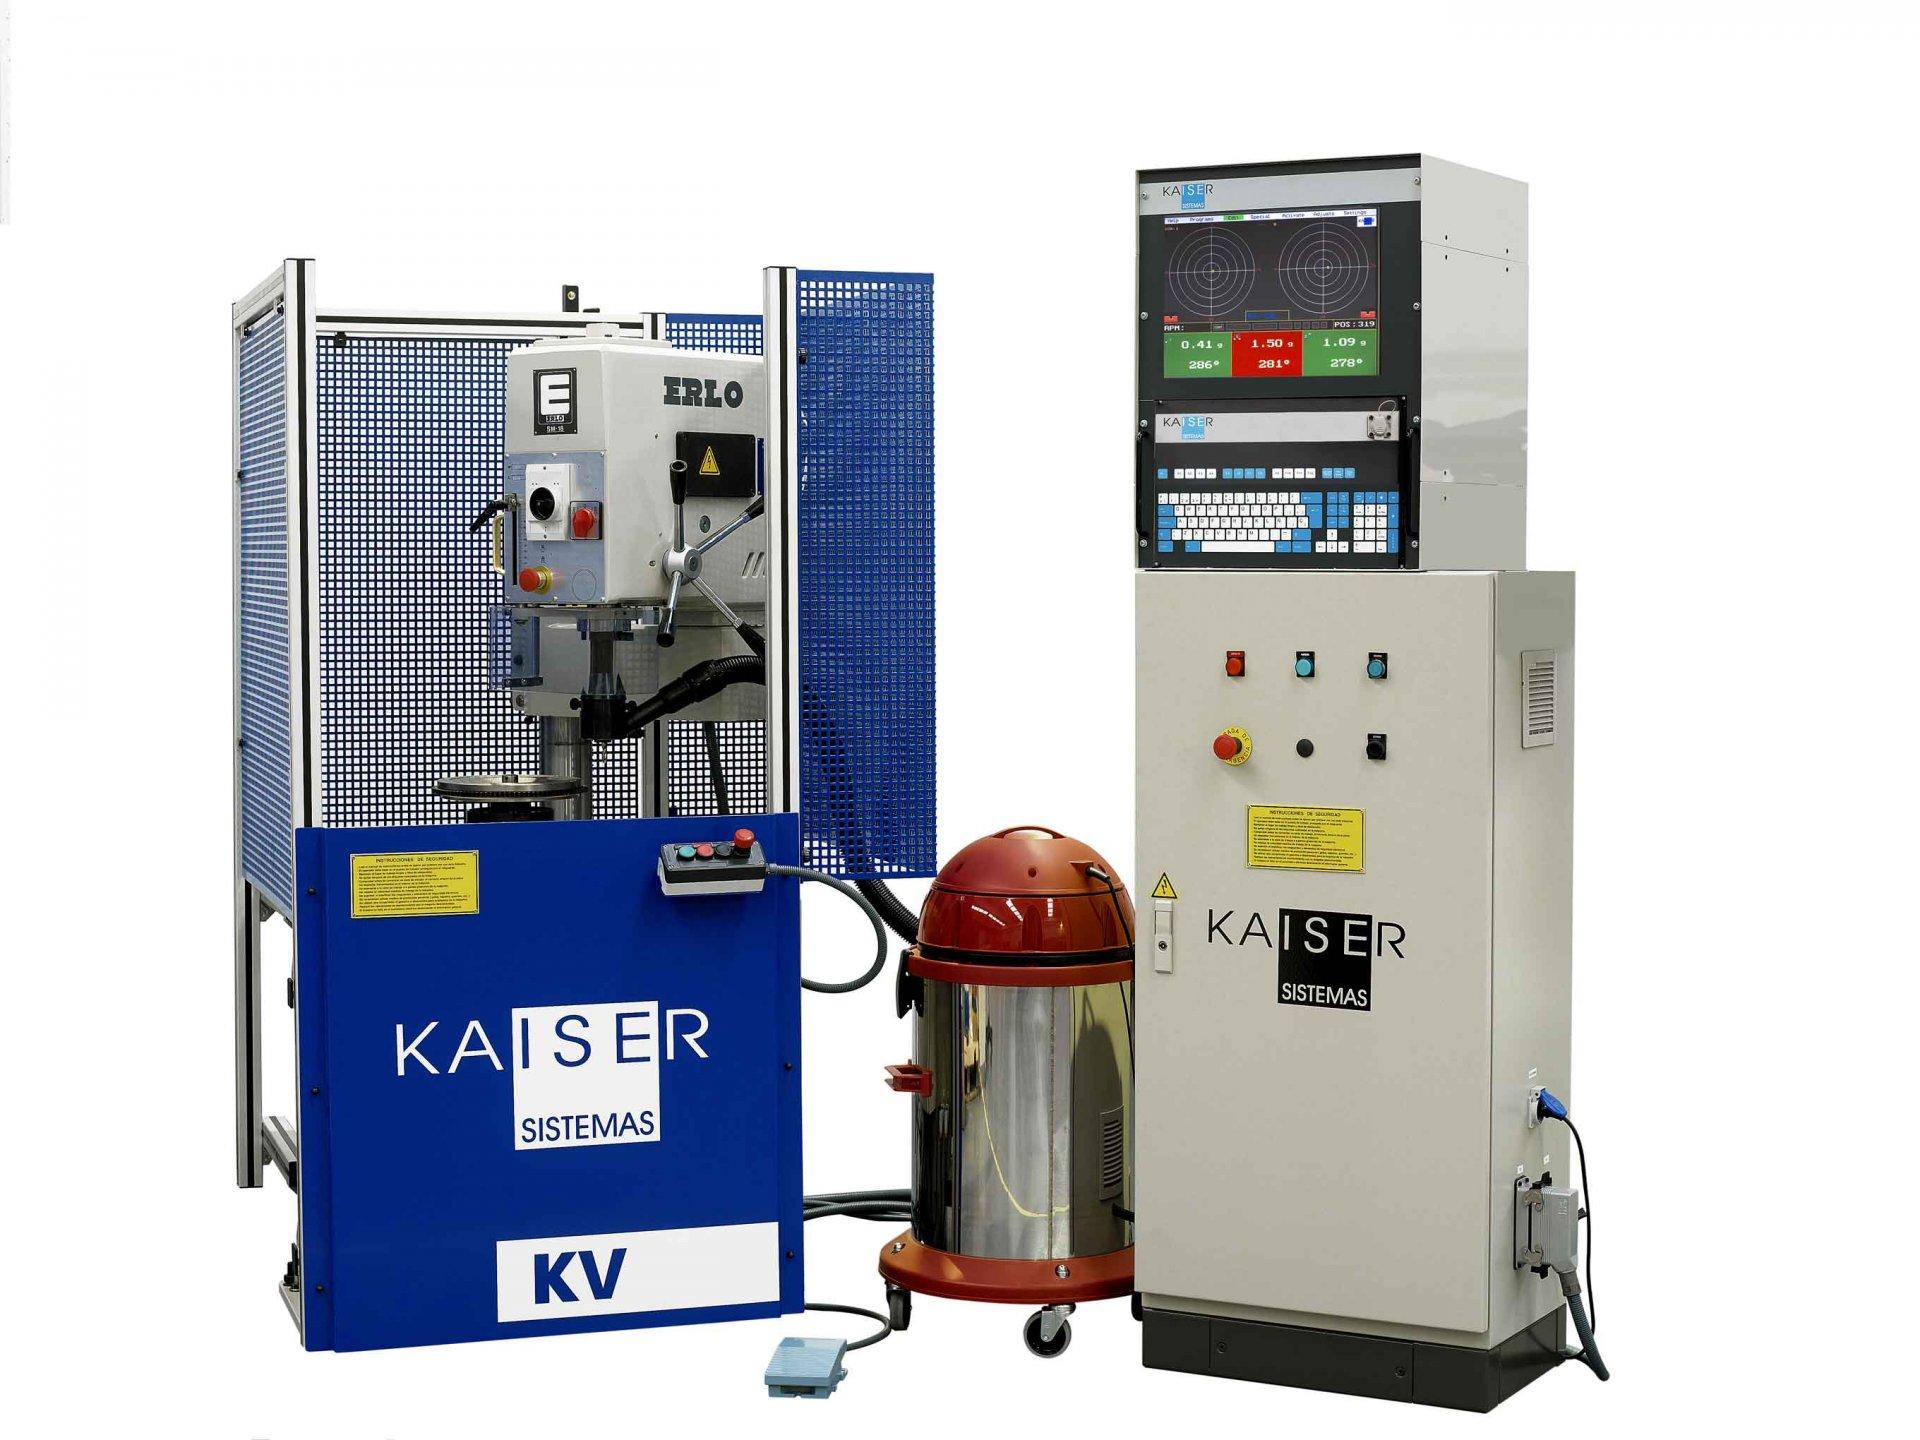 KV30-100 TV CE.jpg